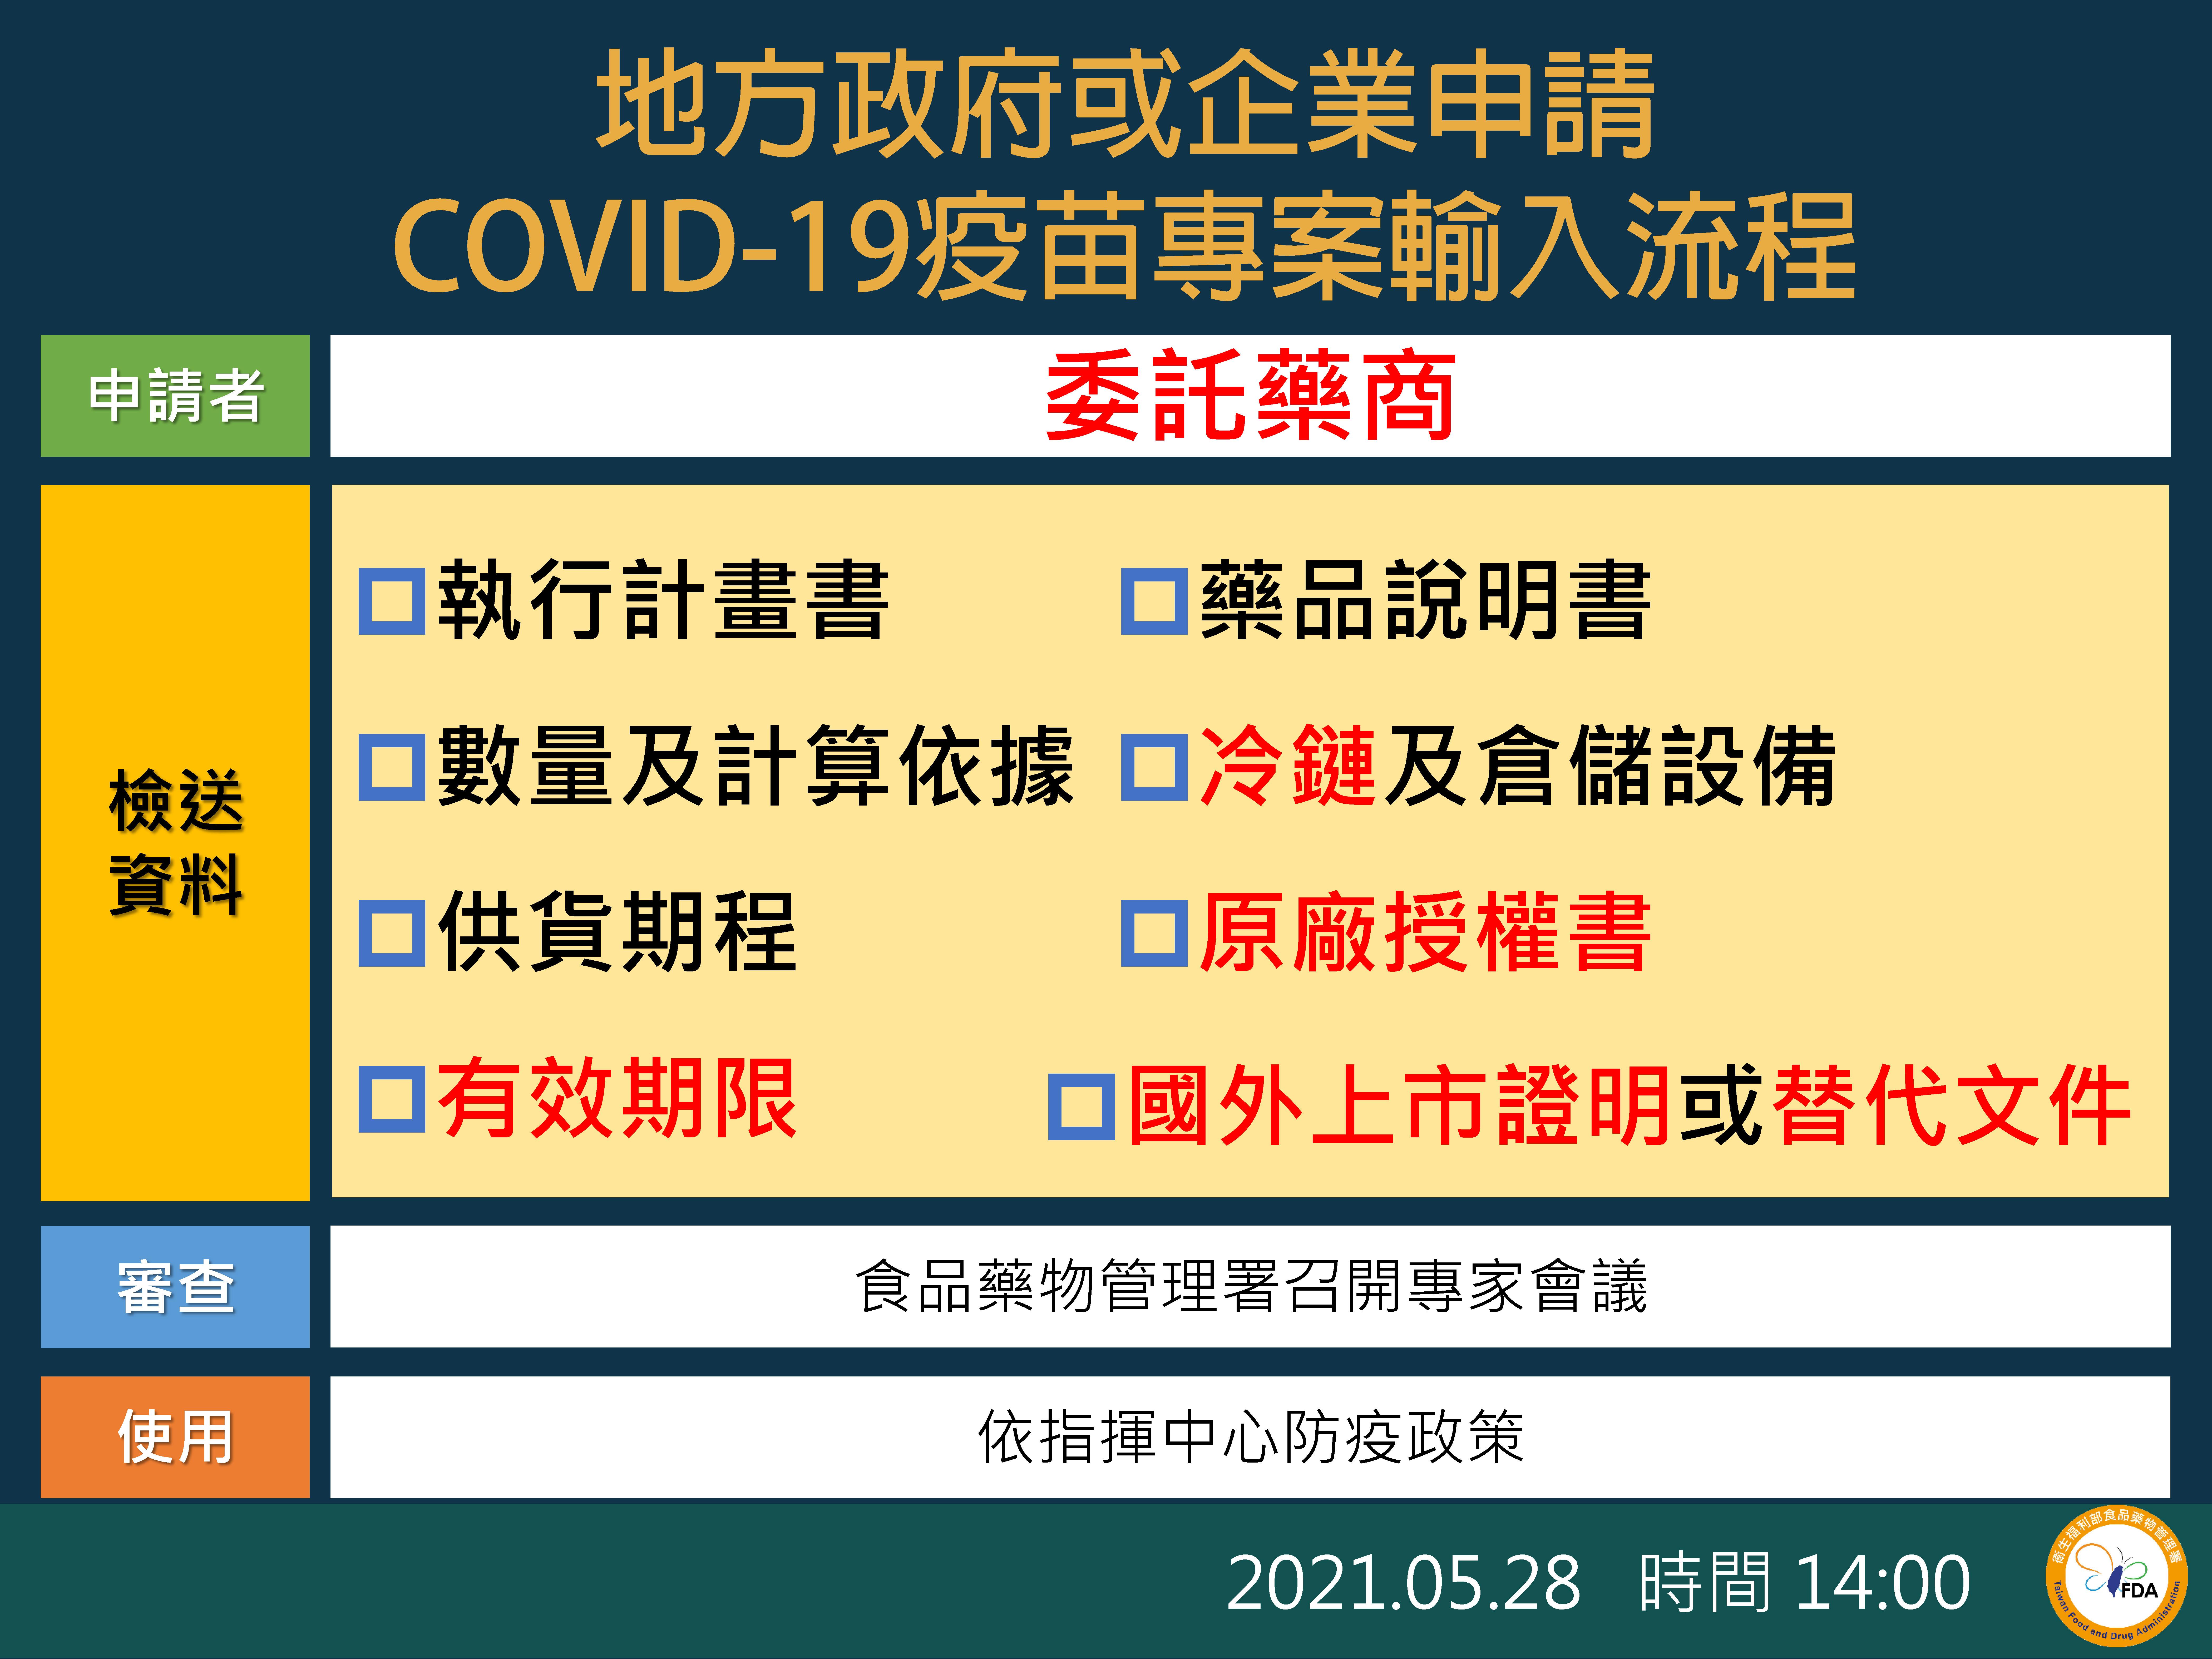 疫苗,COVID-19,法律優位原則,防疫,衛福部,藥事法,郭台銘,嬌生,輝瑞